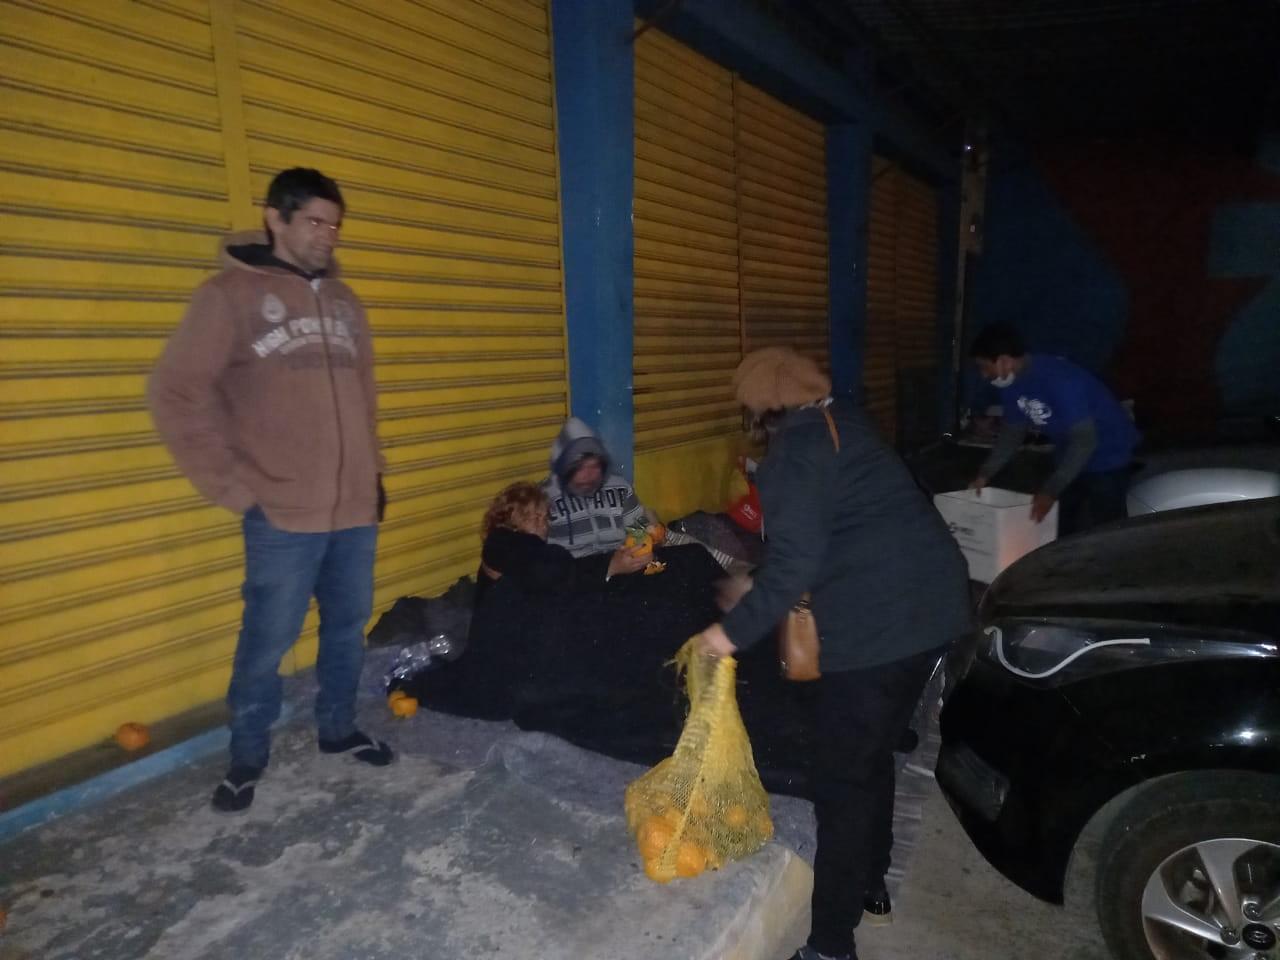 Voluntários percorrem pontos de Mogi em noite de frio intenso para ajudar pessoas em situação de rua